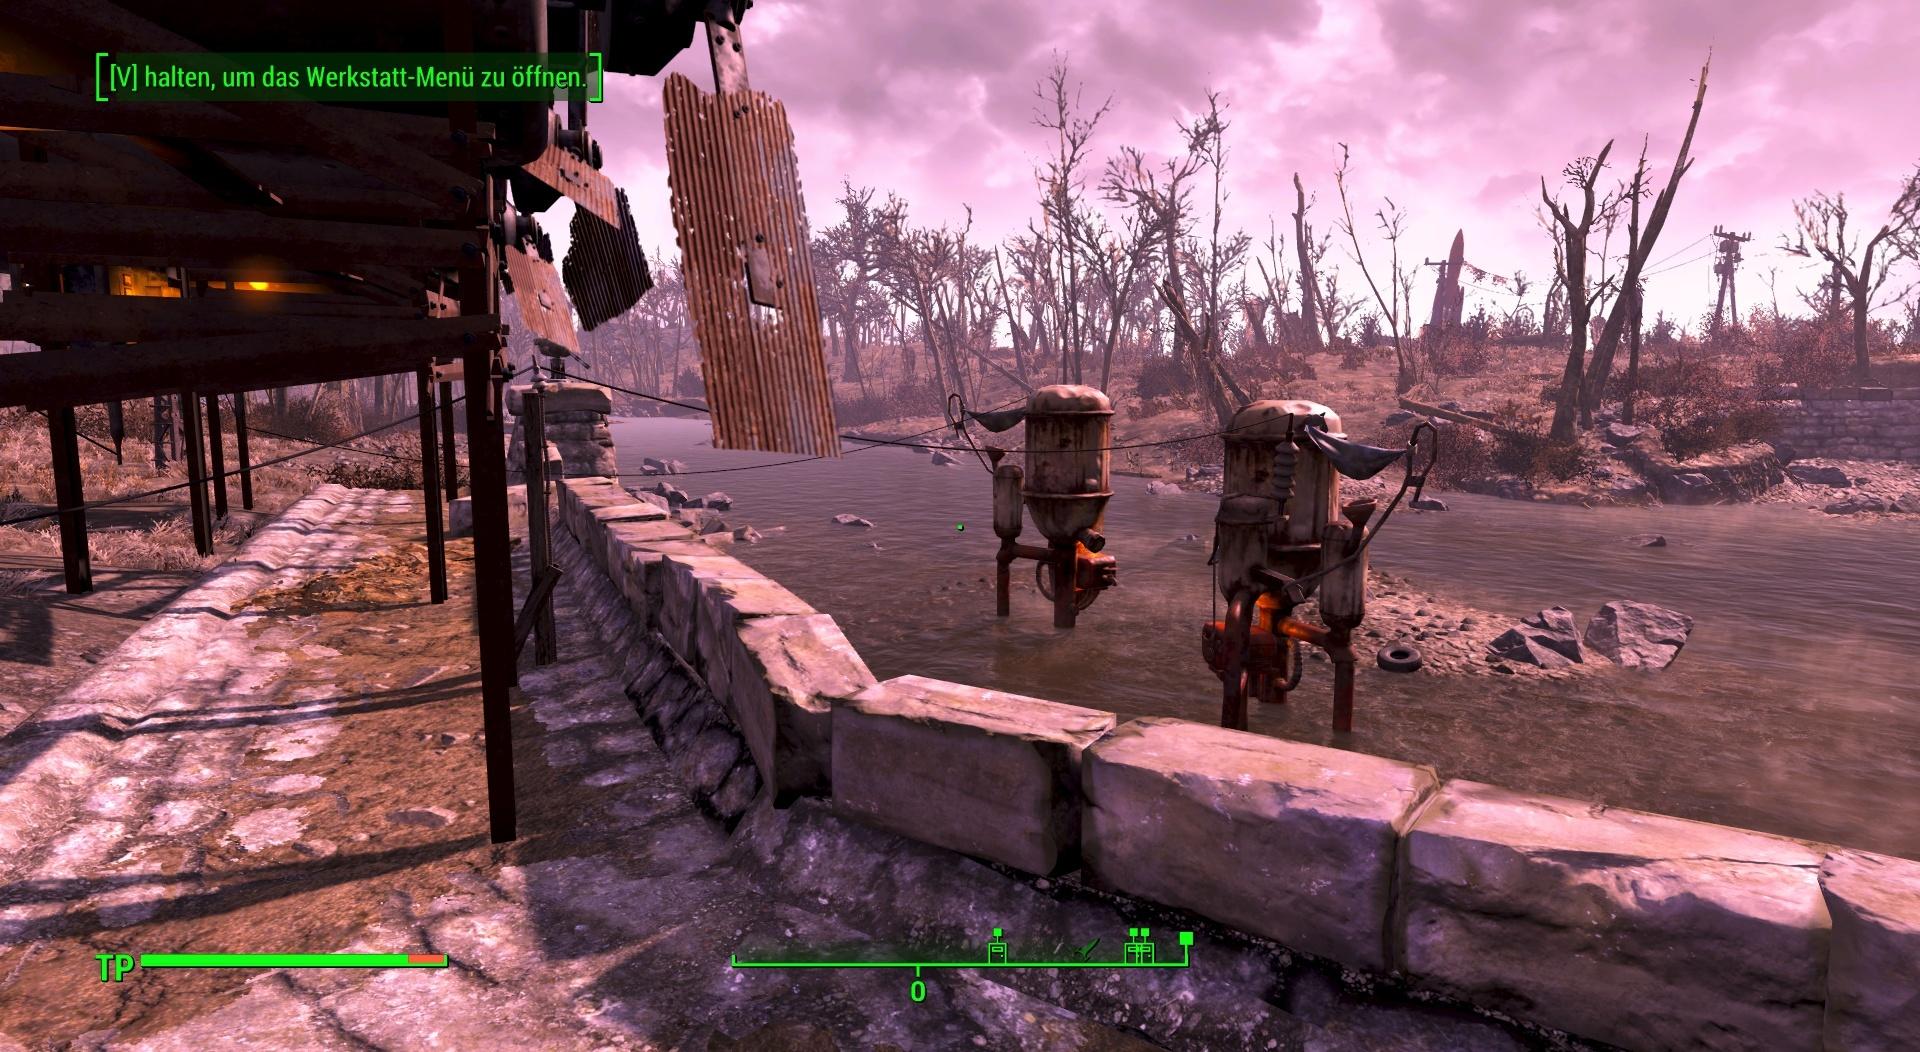 Die Wasserversorgung unserer Fallout-4-Siedlung stellen wir mit Wasseraufbereitern sicher.